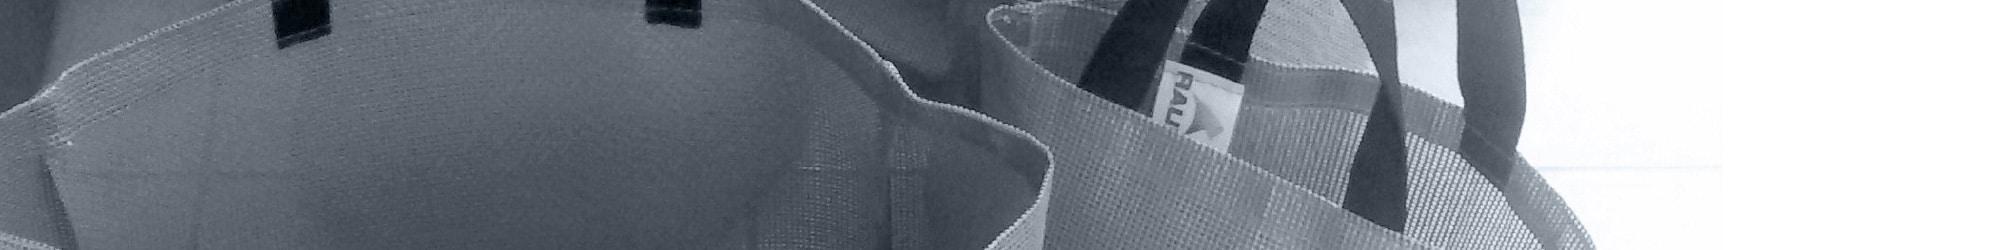 Bandeau - Création de sac